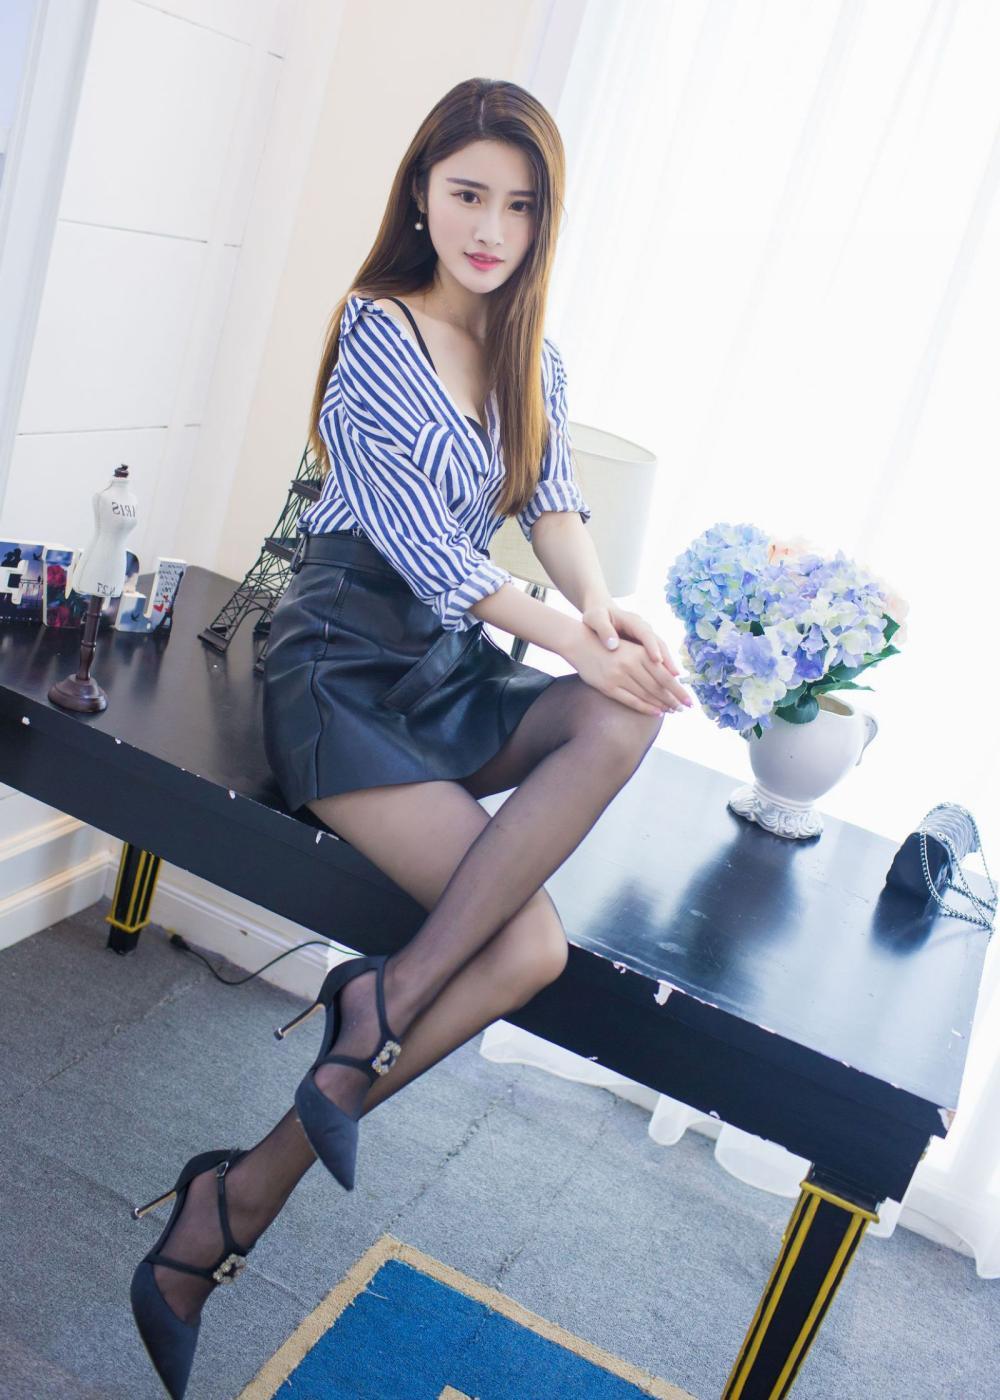 短裙穿着随性自然, 优雅时尚有活力